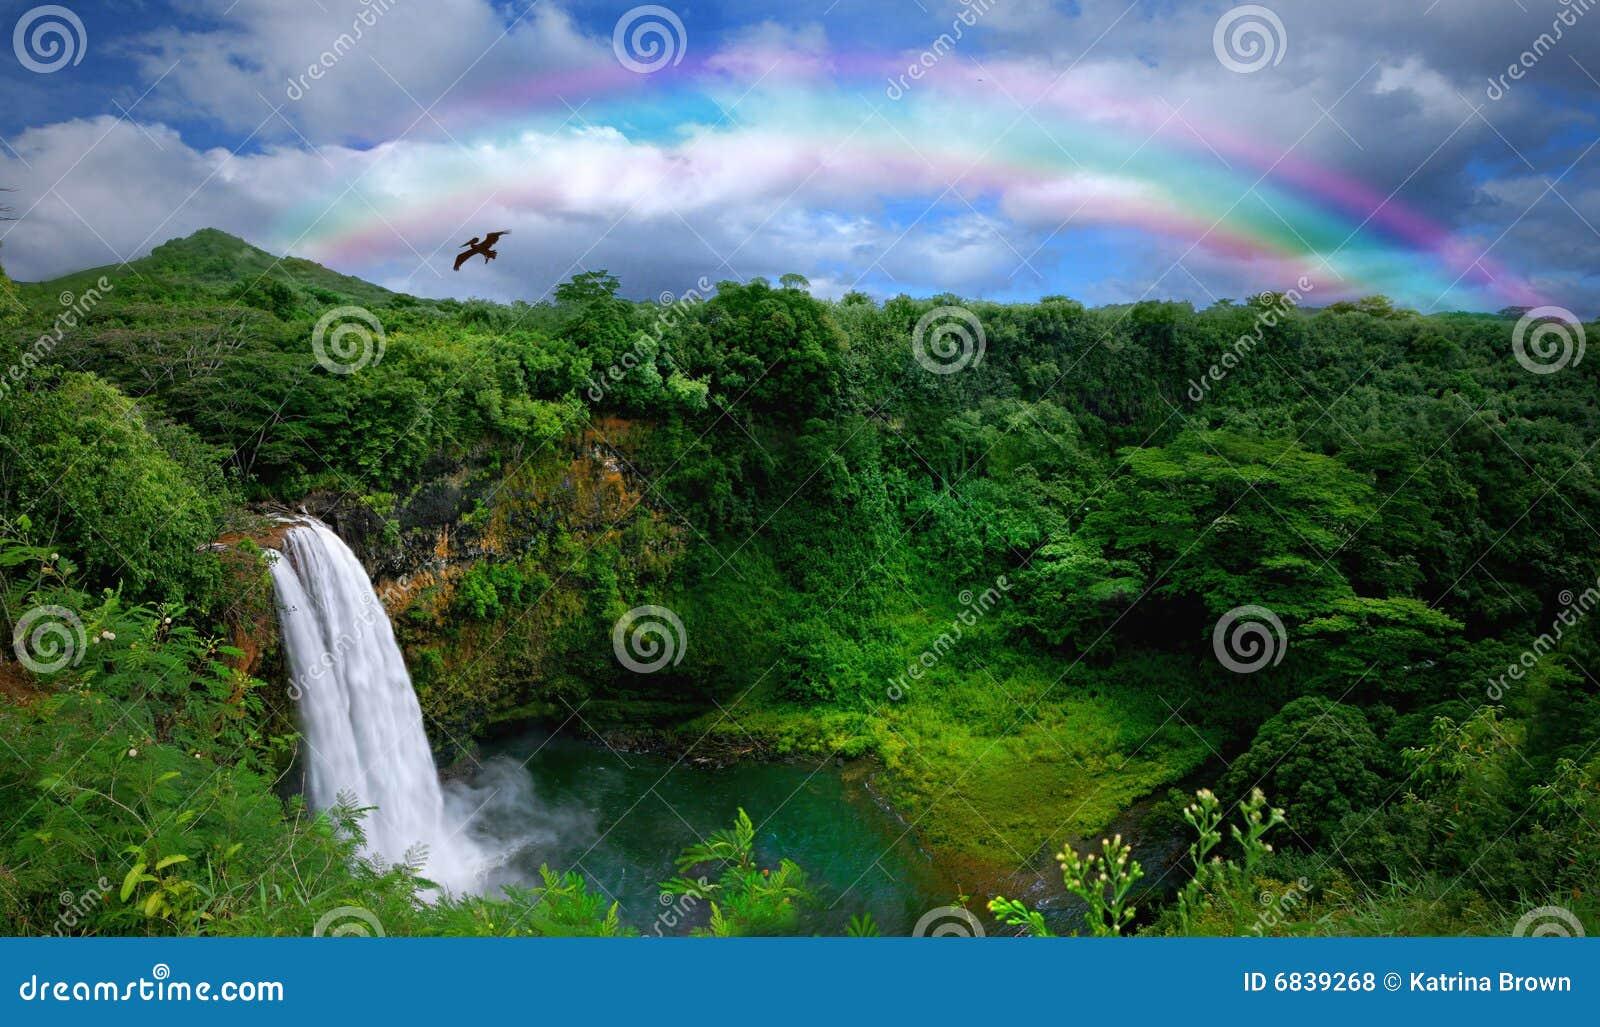 Draufsicht eines schönen Wasserfalls in Hawaii